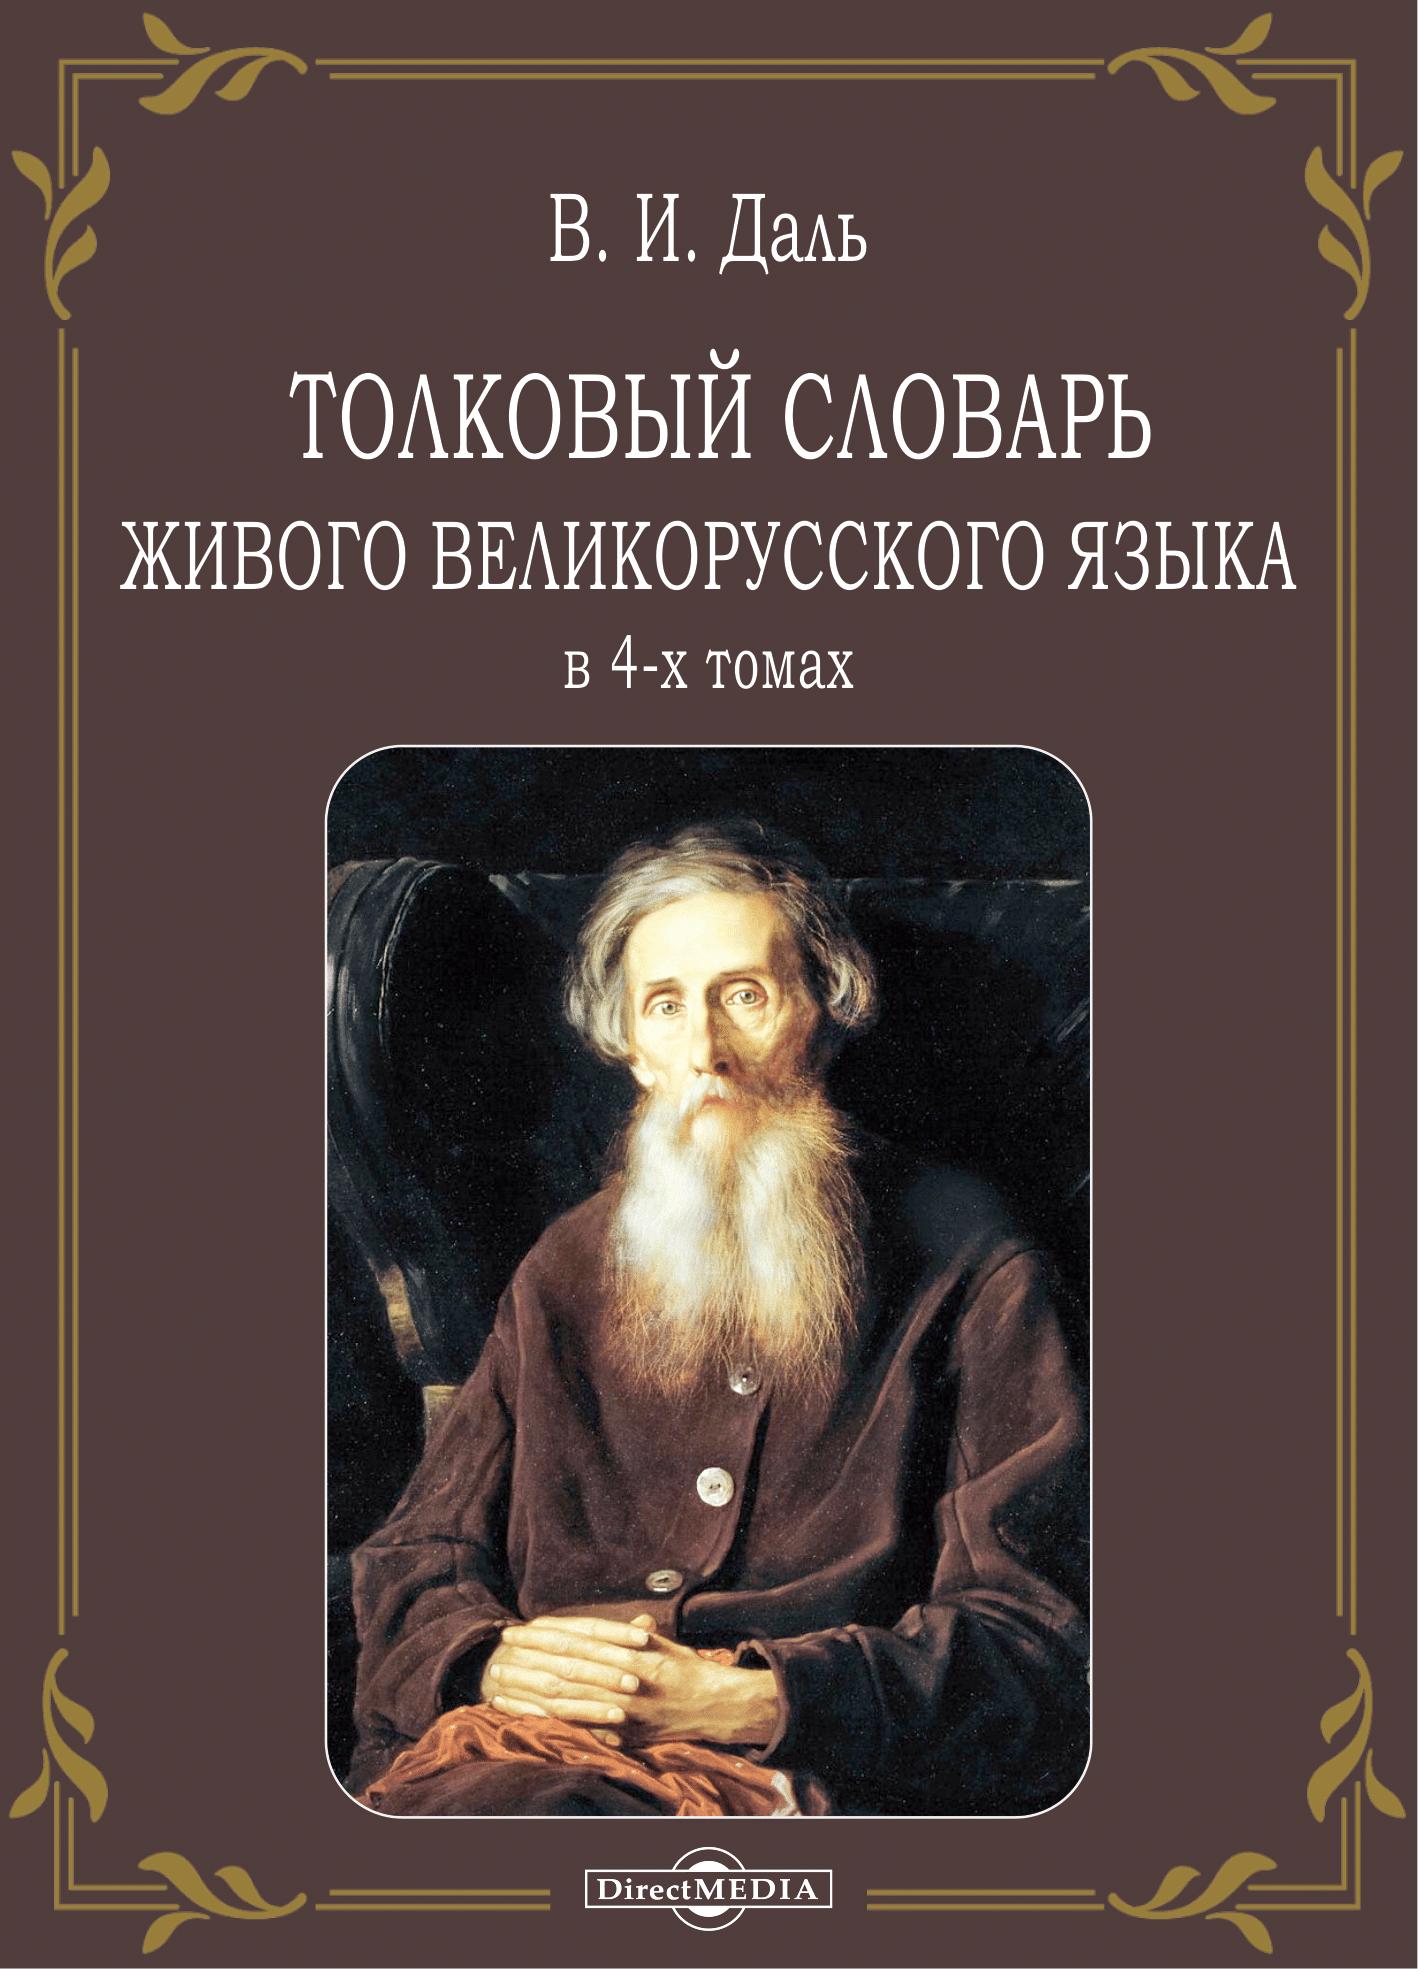 Даль В.И. Толковый словарь живого великорусского языка: В 4 т.